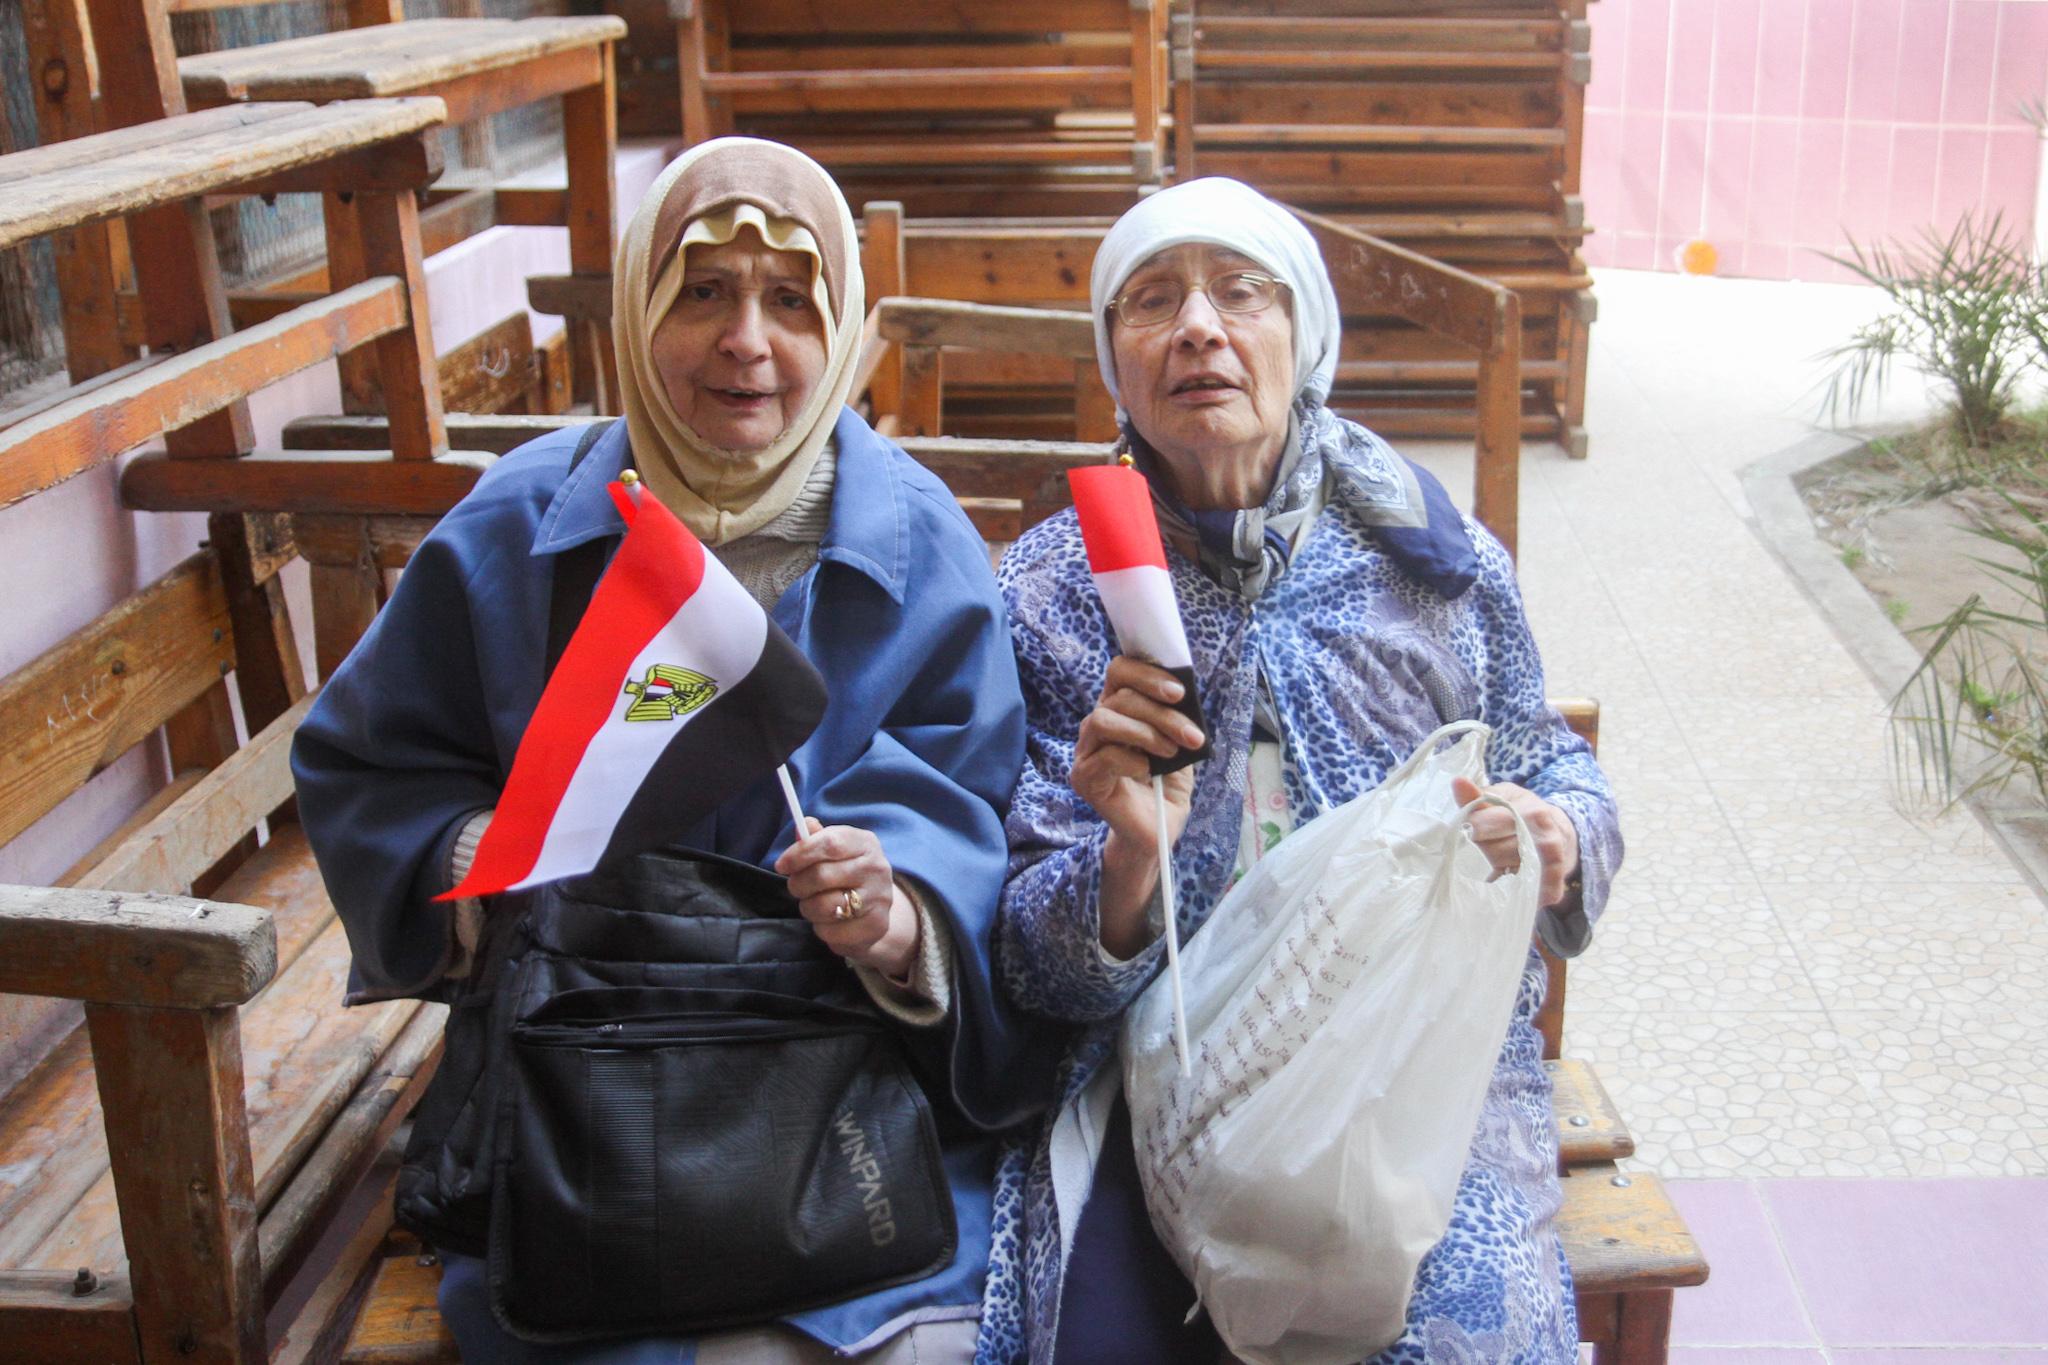 كبار السن فى صدارة التصويت على التعديلات الدستورية5